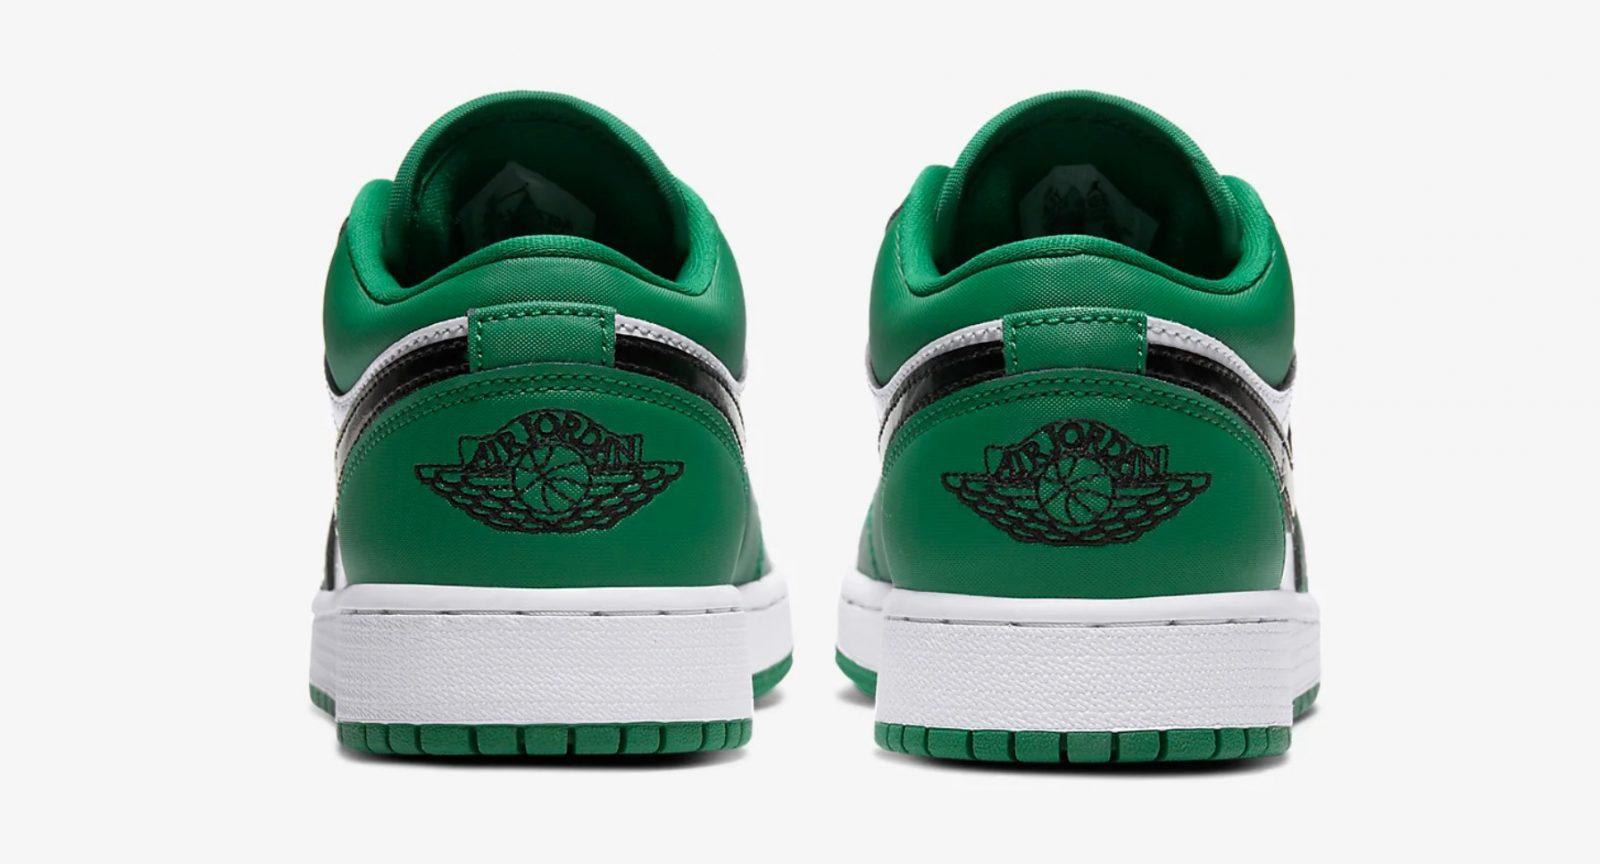 Air Jordan 1 Low Pine Green 553560-301 heel